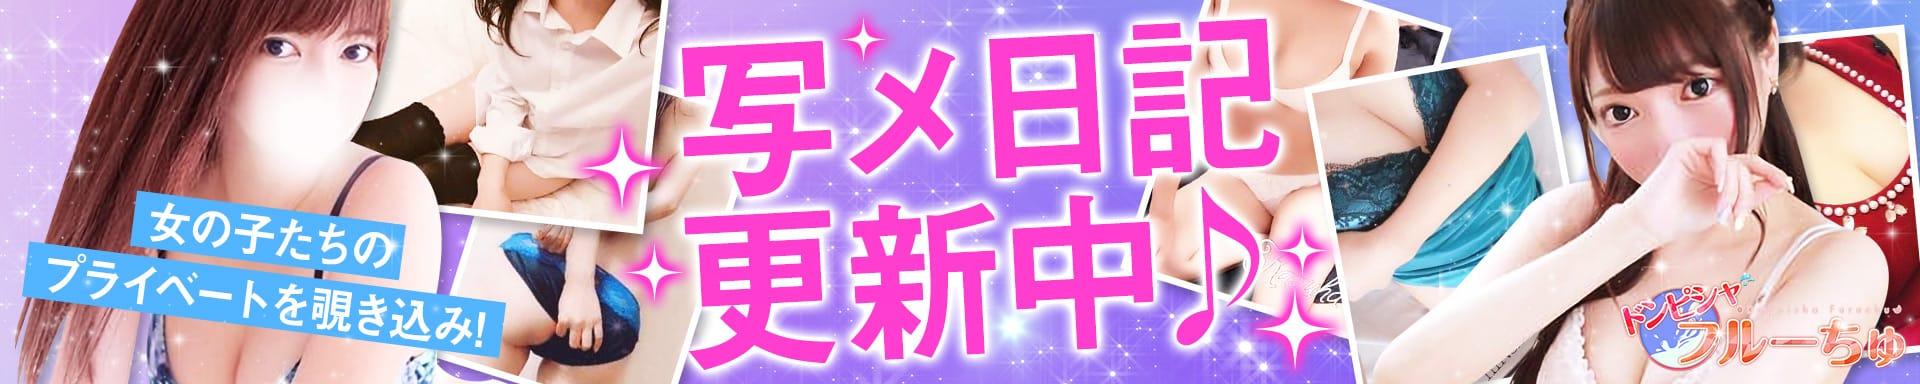 ドンピシャフル~ちゅ その3